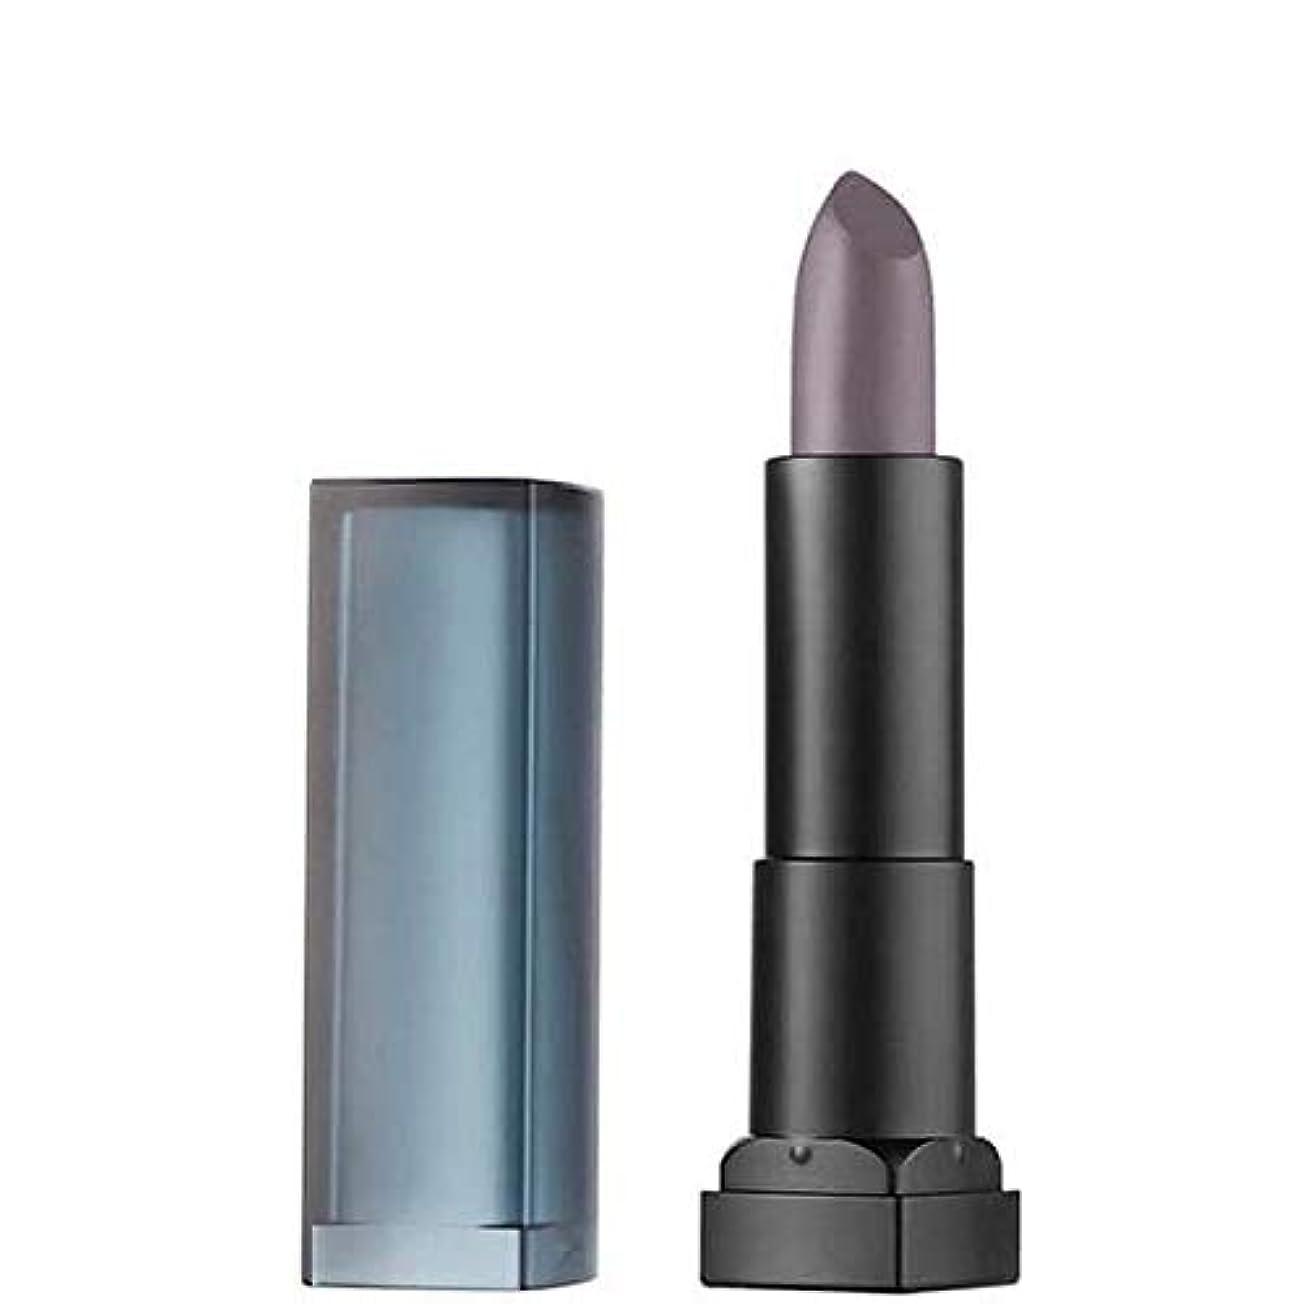 伴う安定した一見[Maybelline ] メイベリンカラー扇情的なマットな口紅25冷却グレー - Maybelline Color Sensational Matte Lipstick 25 Chilling Grey [並行輸入品]